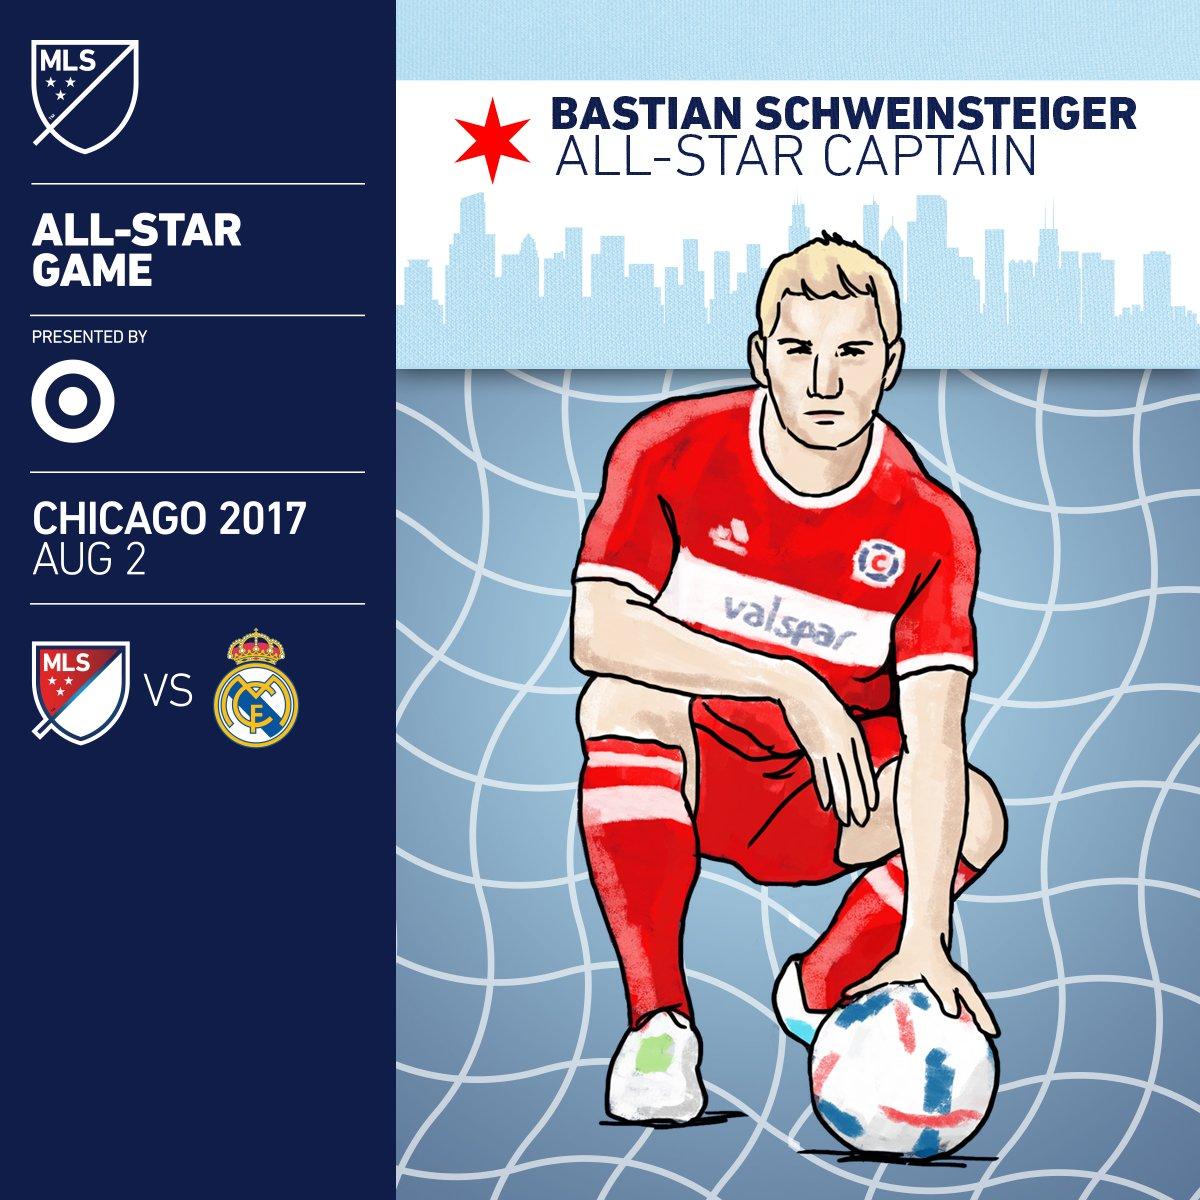 """MLS-ის ვარსკვლავებს """"რეალთან"""" მატჩში შვაინშტაიგერი უკაპიტნებს"""